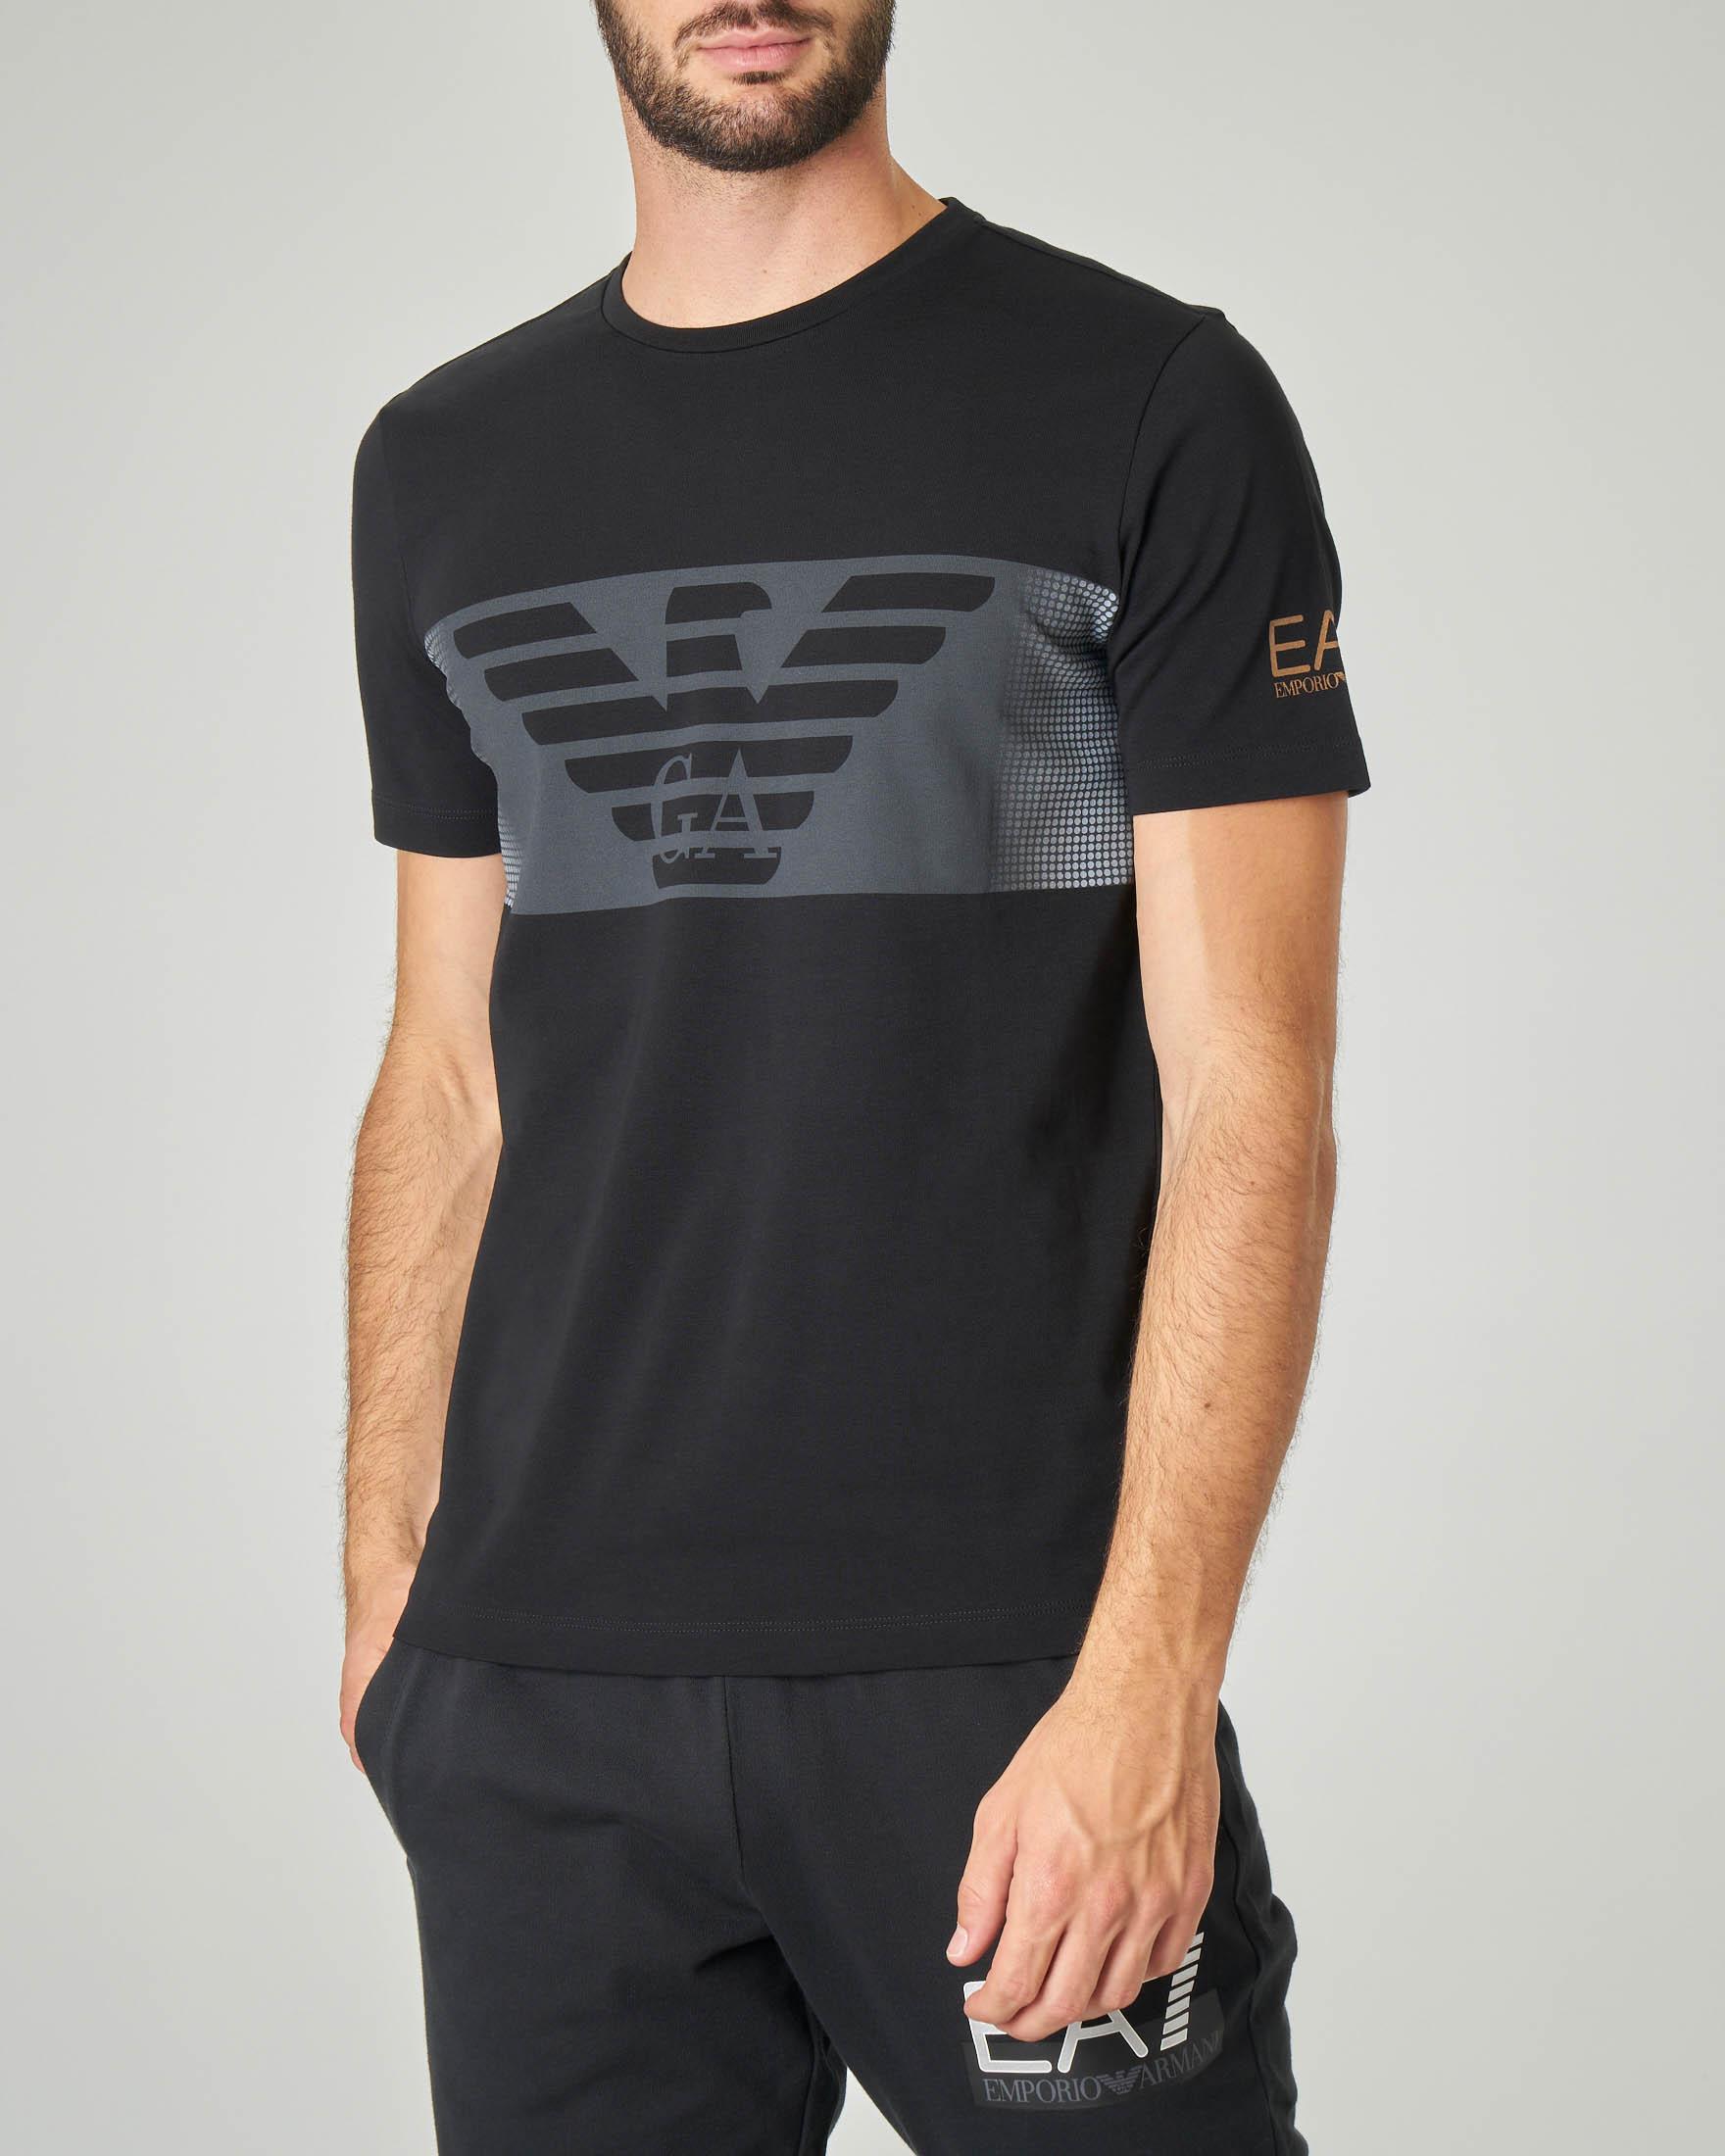 T-shirt nera in cotone stretch con fascia grigia e aquila stampata